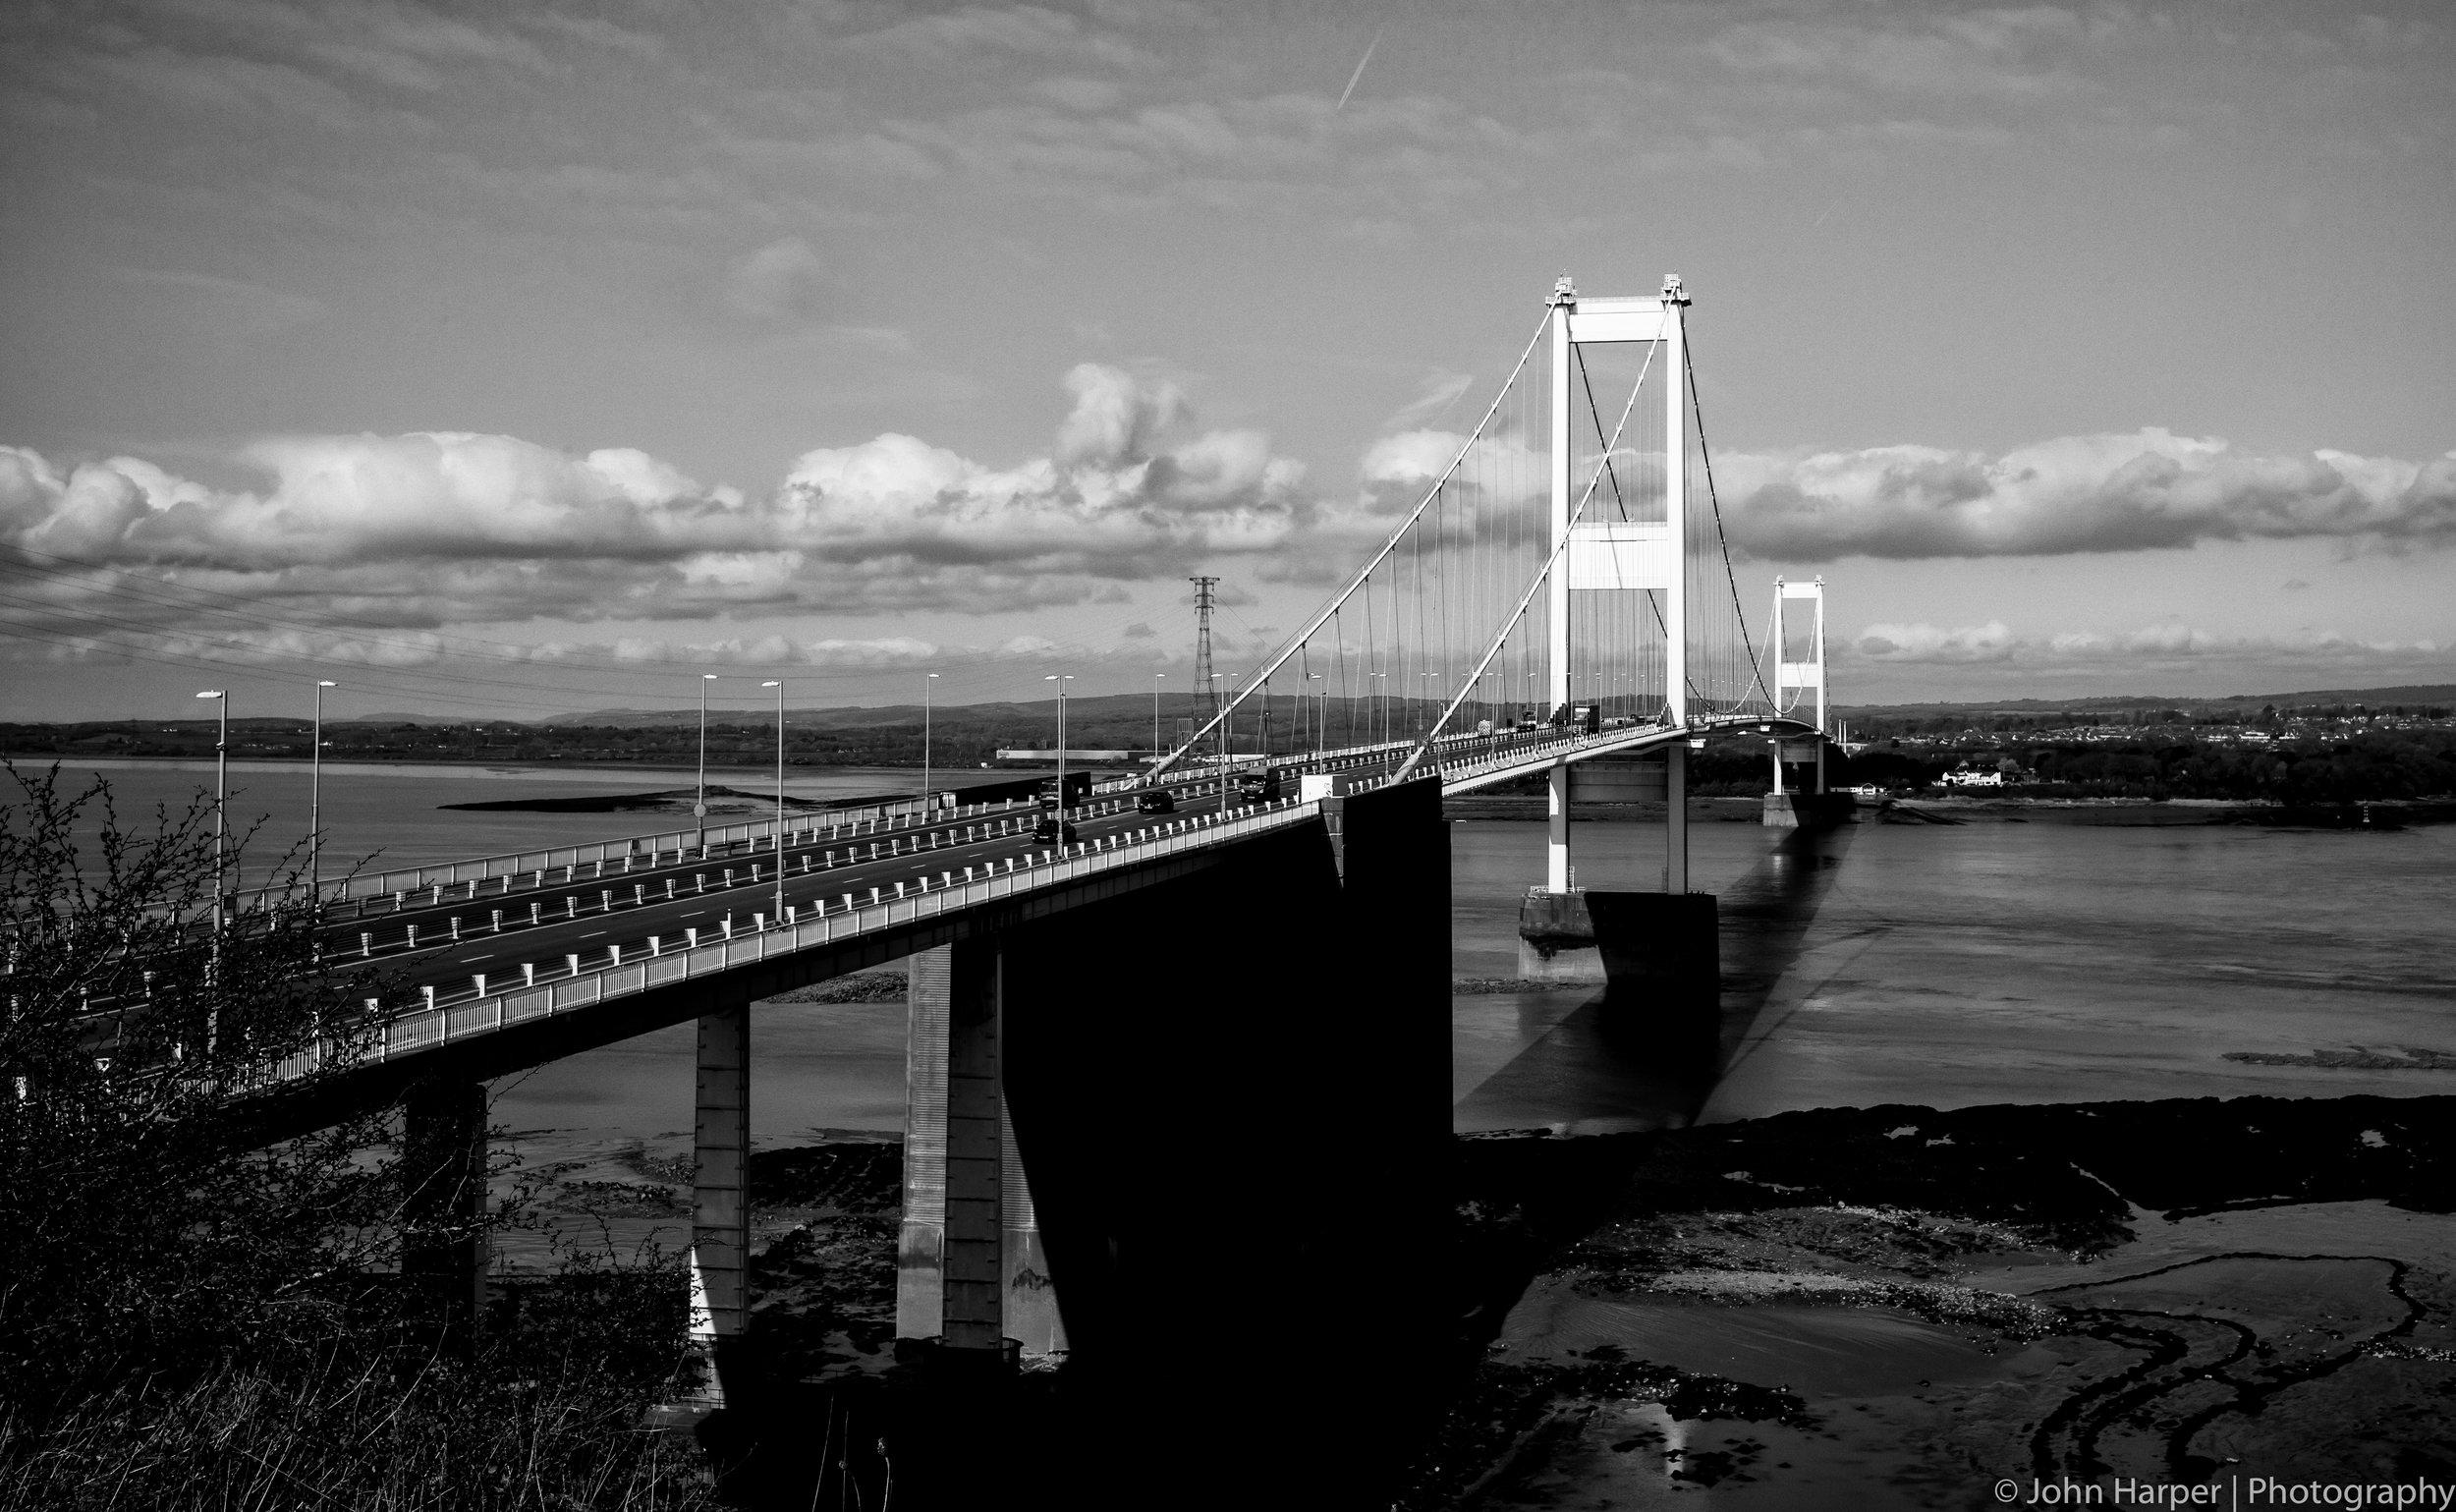 The Original Severn Bridge